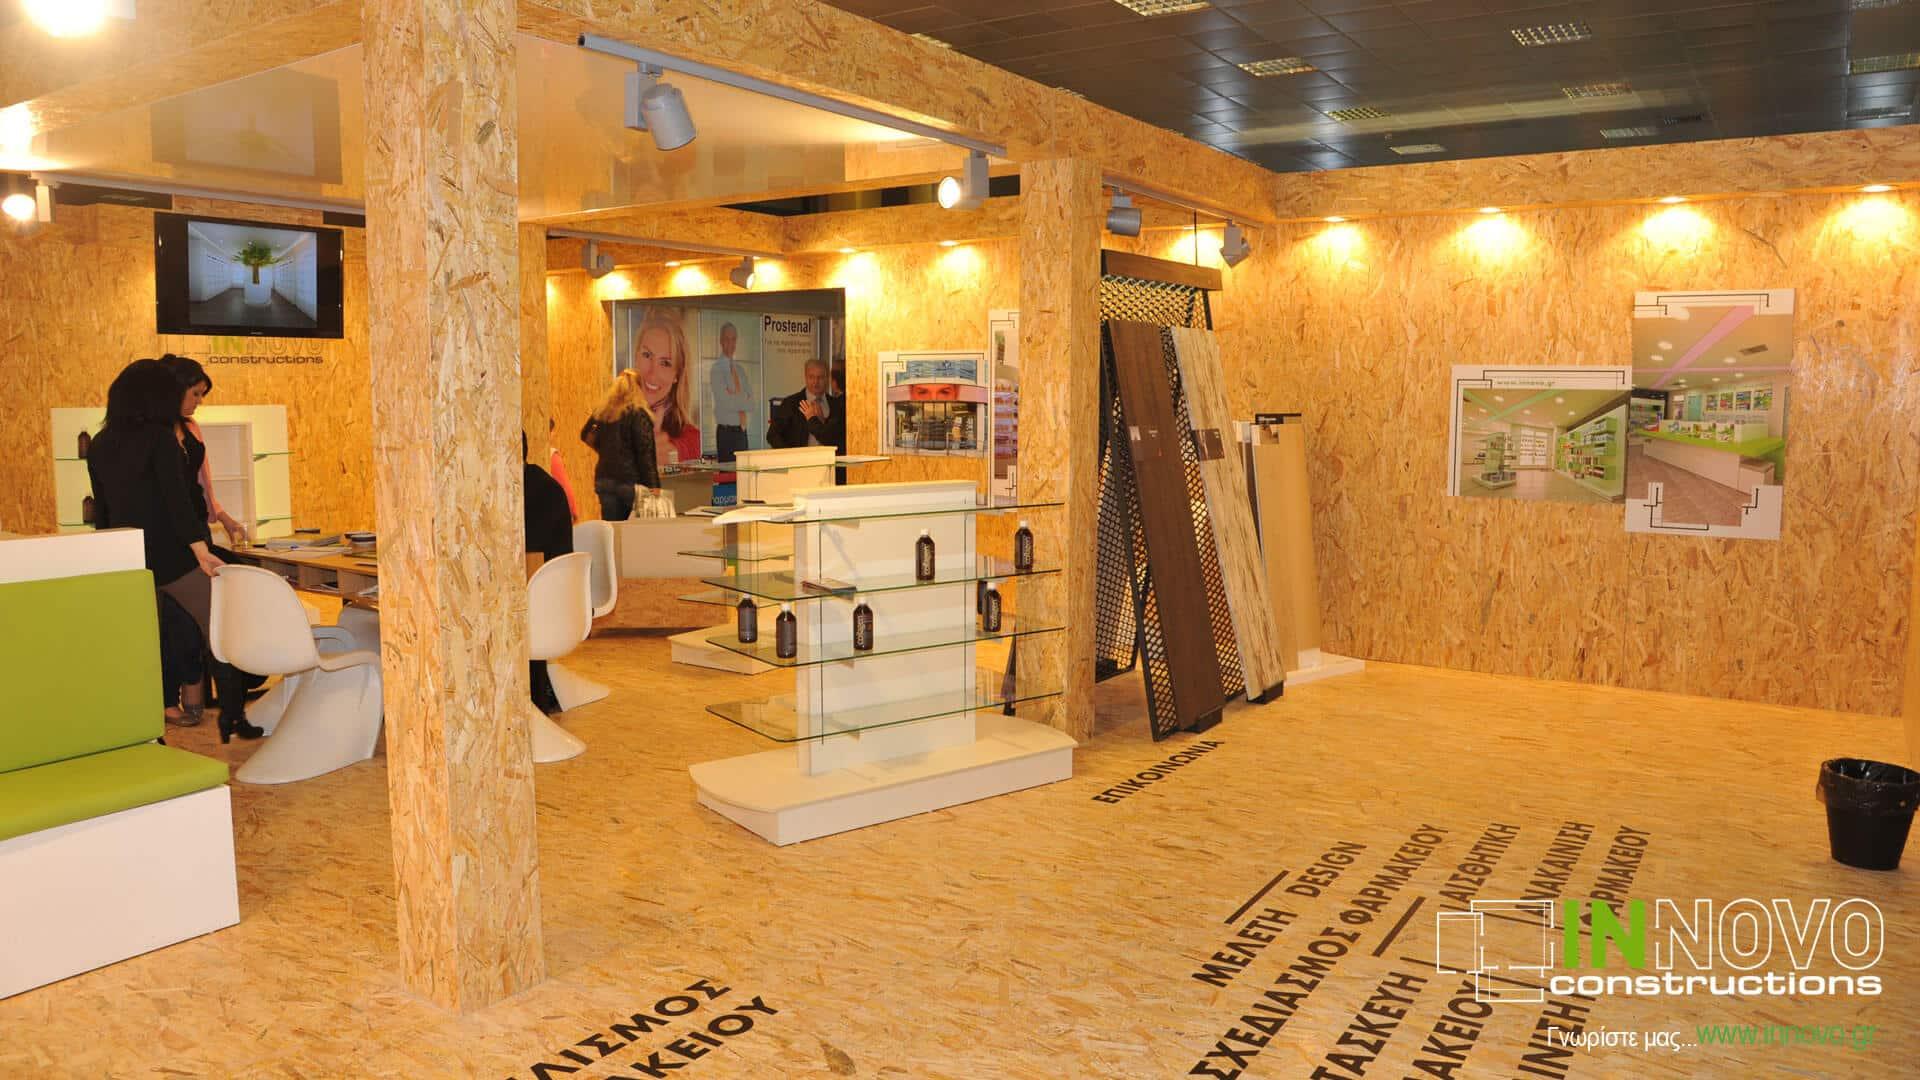 kataskevi-peripterou-exhibition-stand-construction-periptero-mas-hellaspharm2014-3